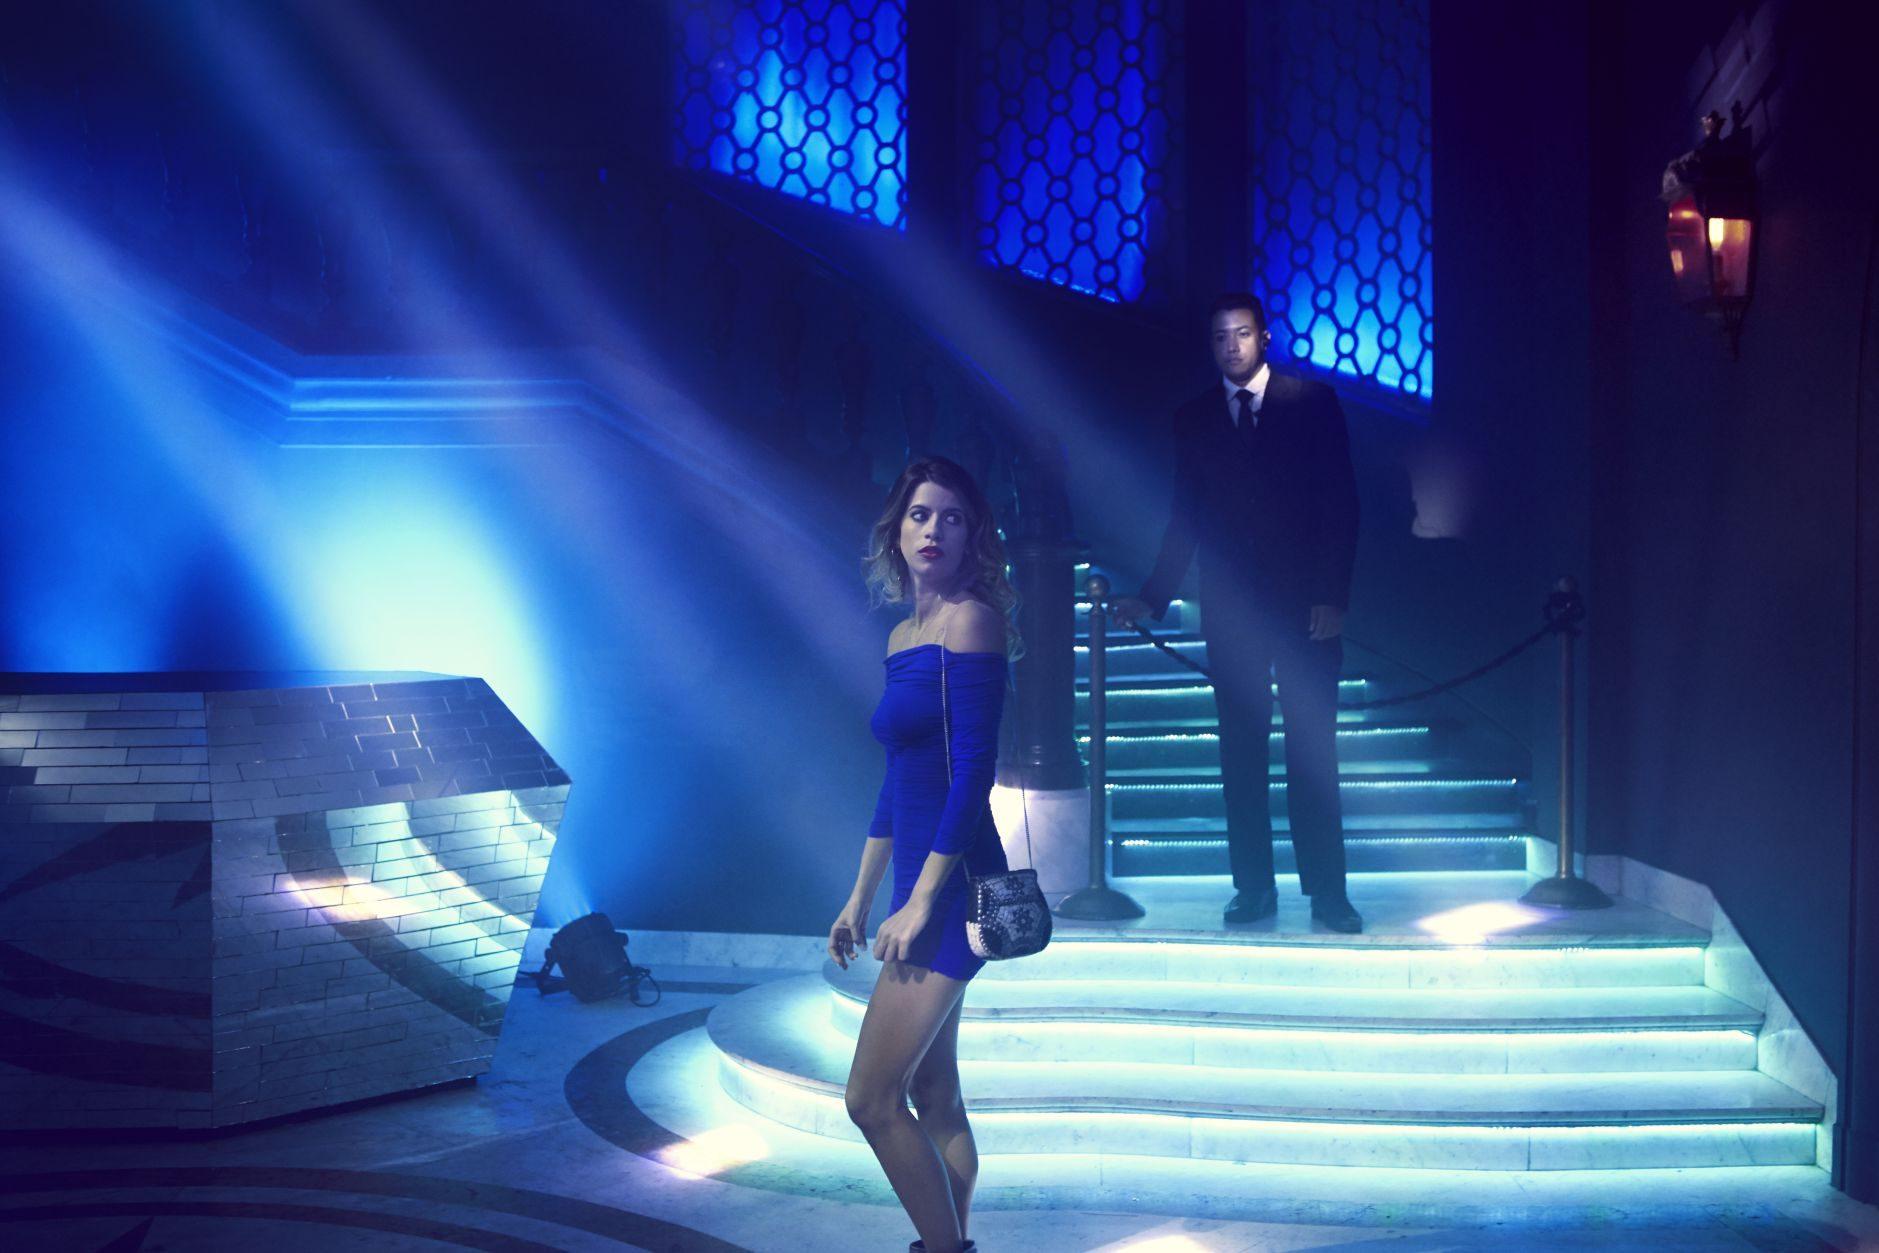 FOX Premium - #LlamameBruna 2 - María Bopp es Bruna (1)